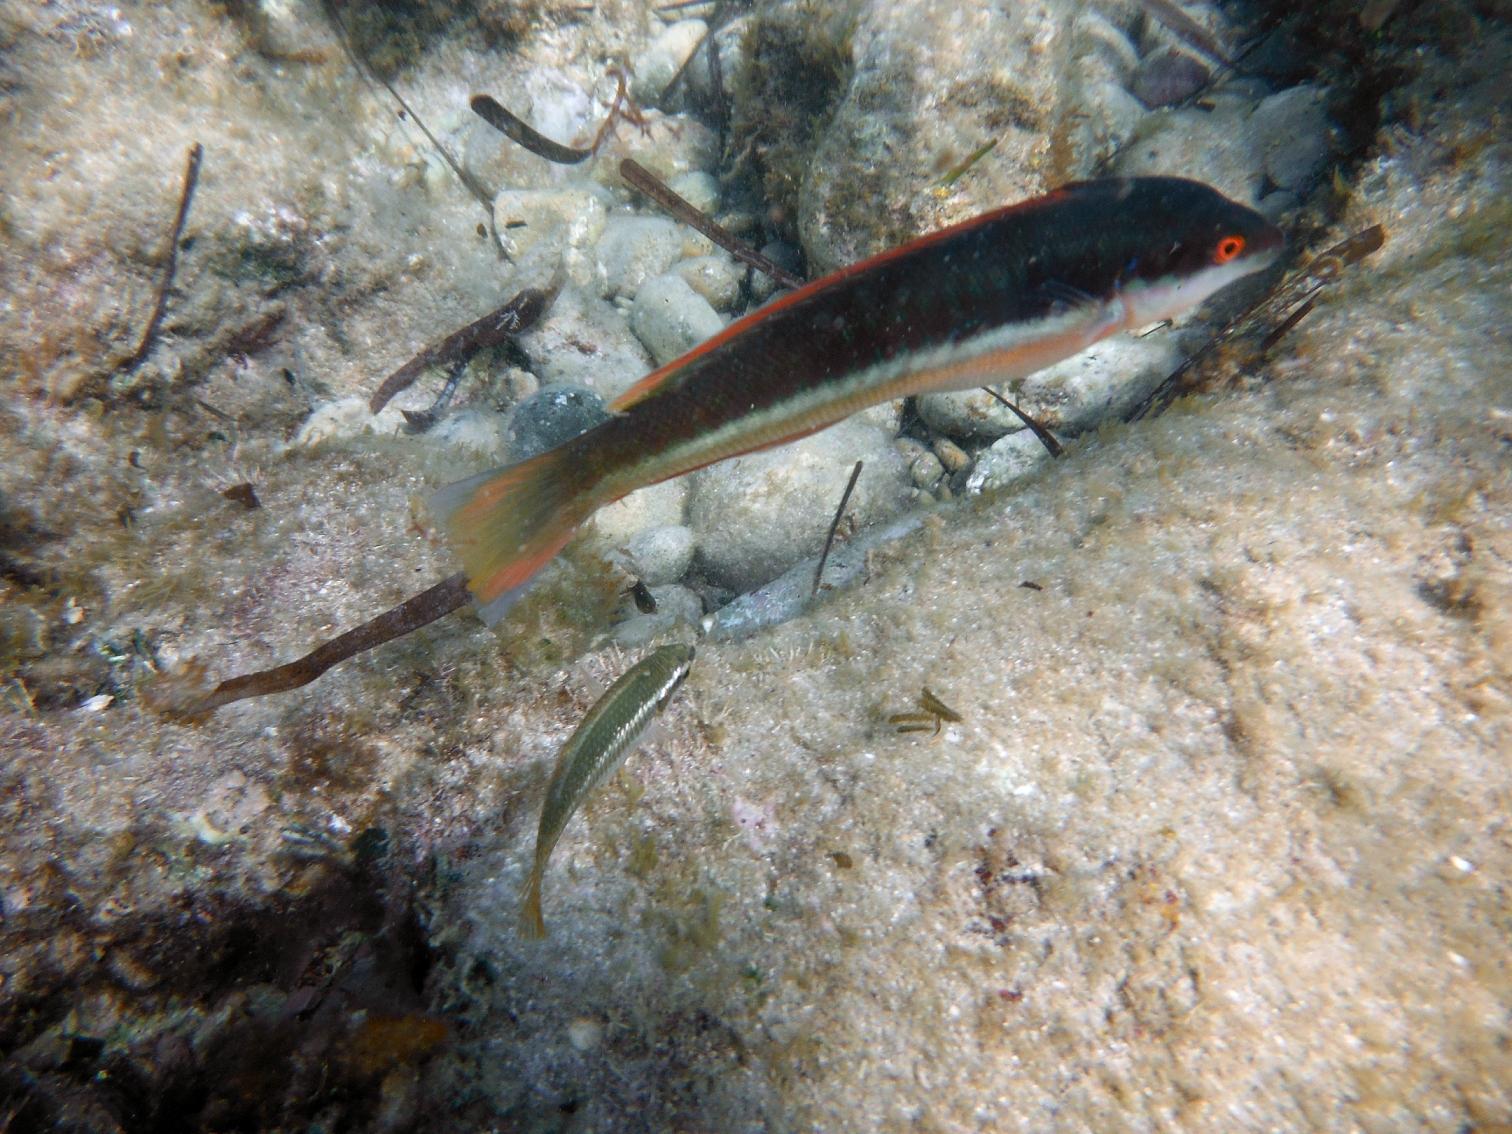 http://ekladata.com/bBsvz5zxSHIZPQuB55gGowc95DE/cap-rousset-30-08-2015-girelle-et-petit-poisson-low.jpg